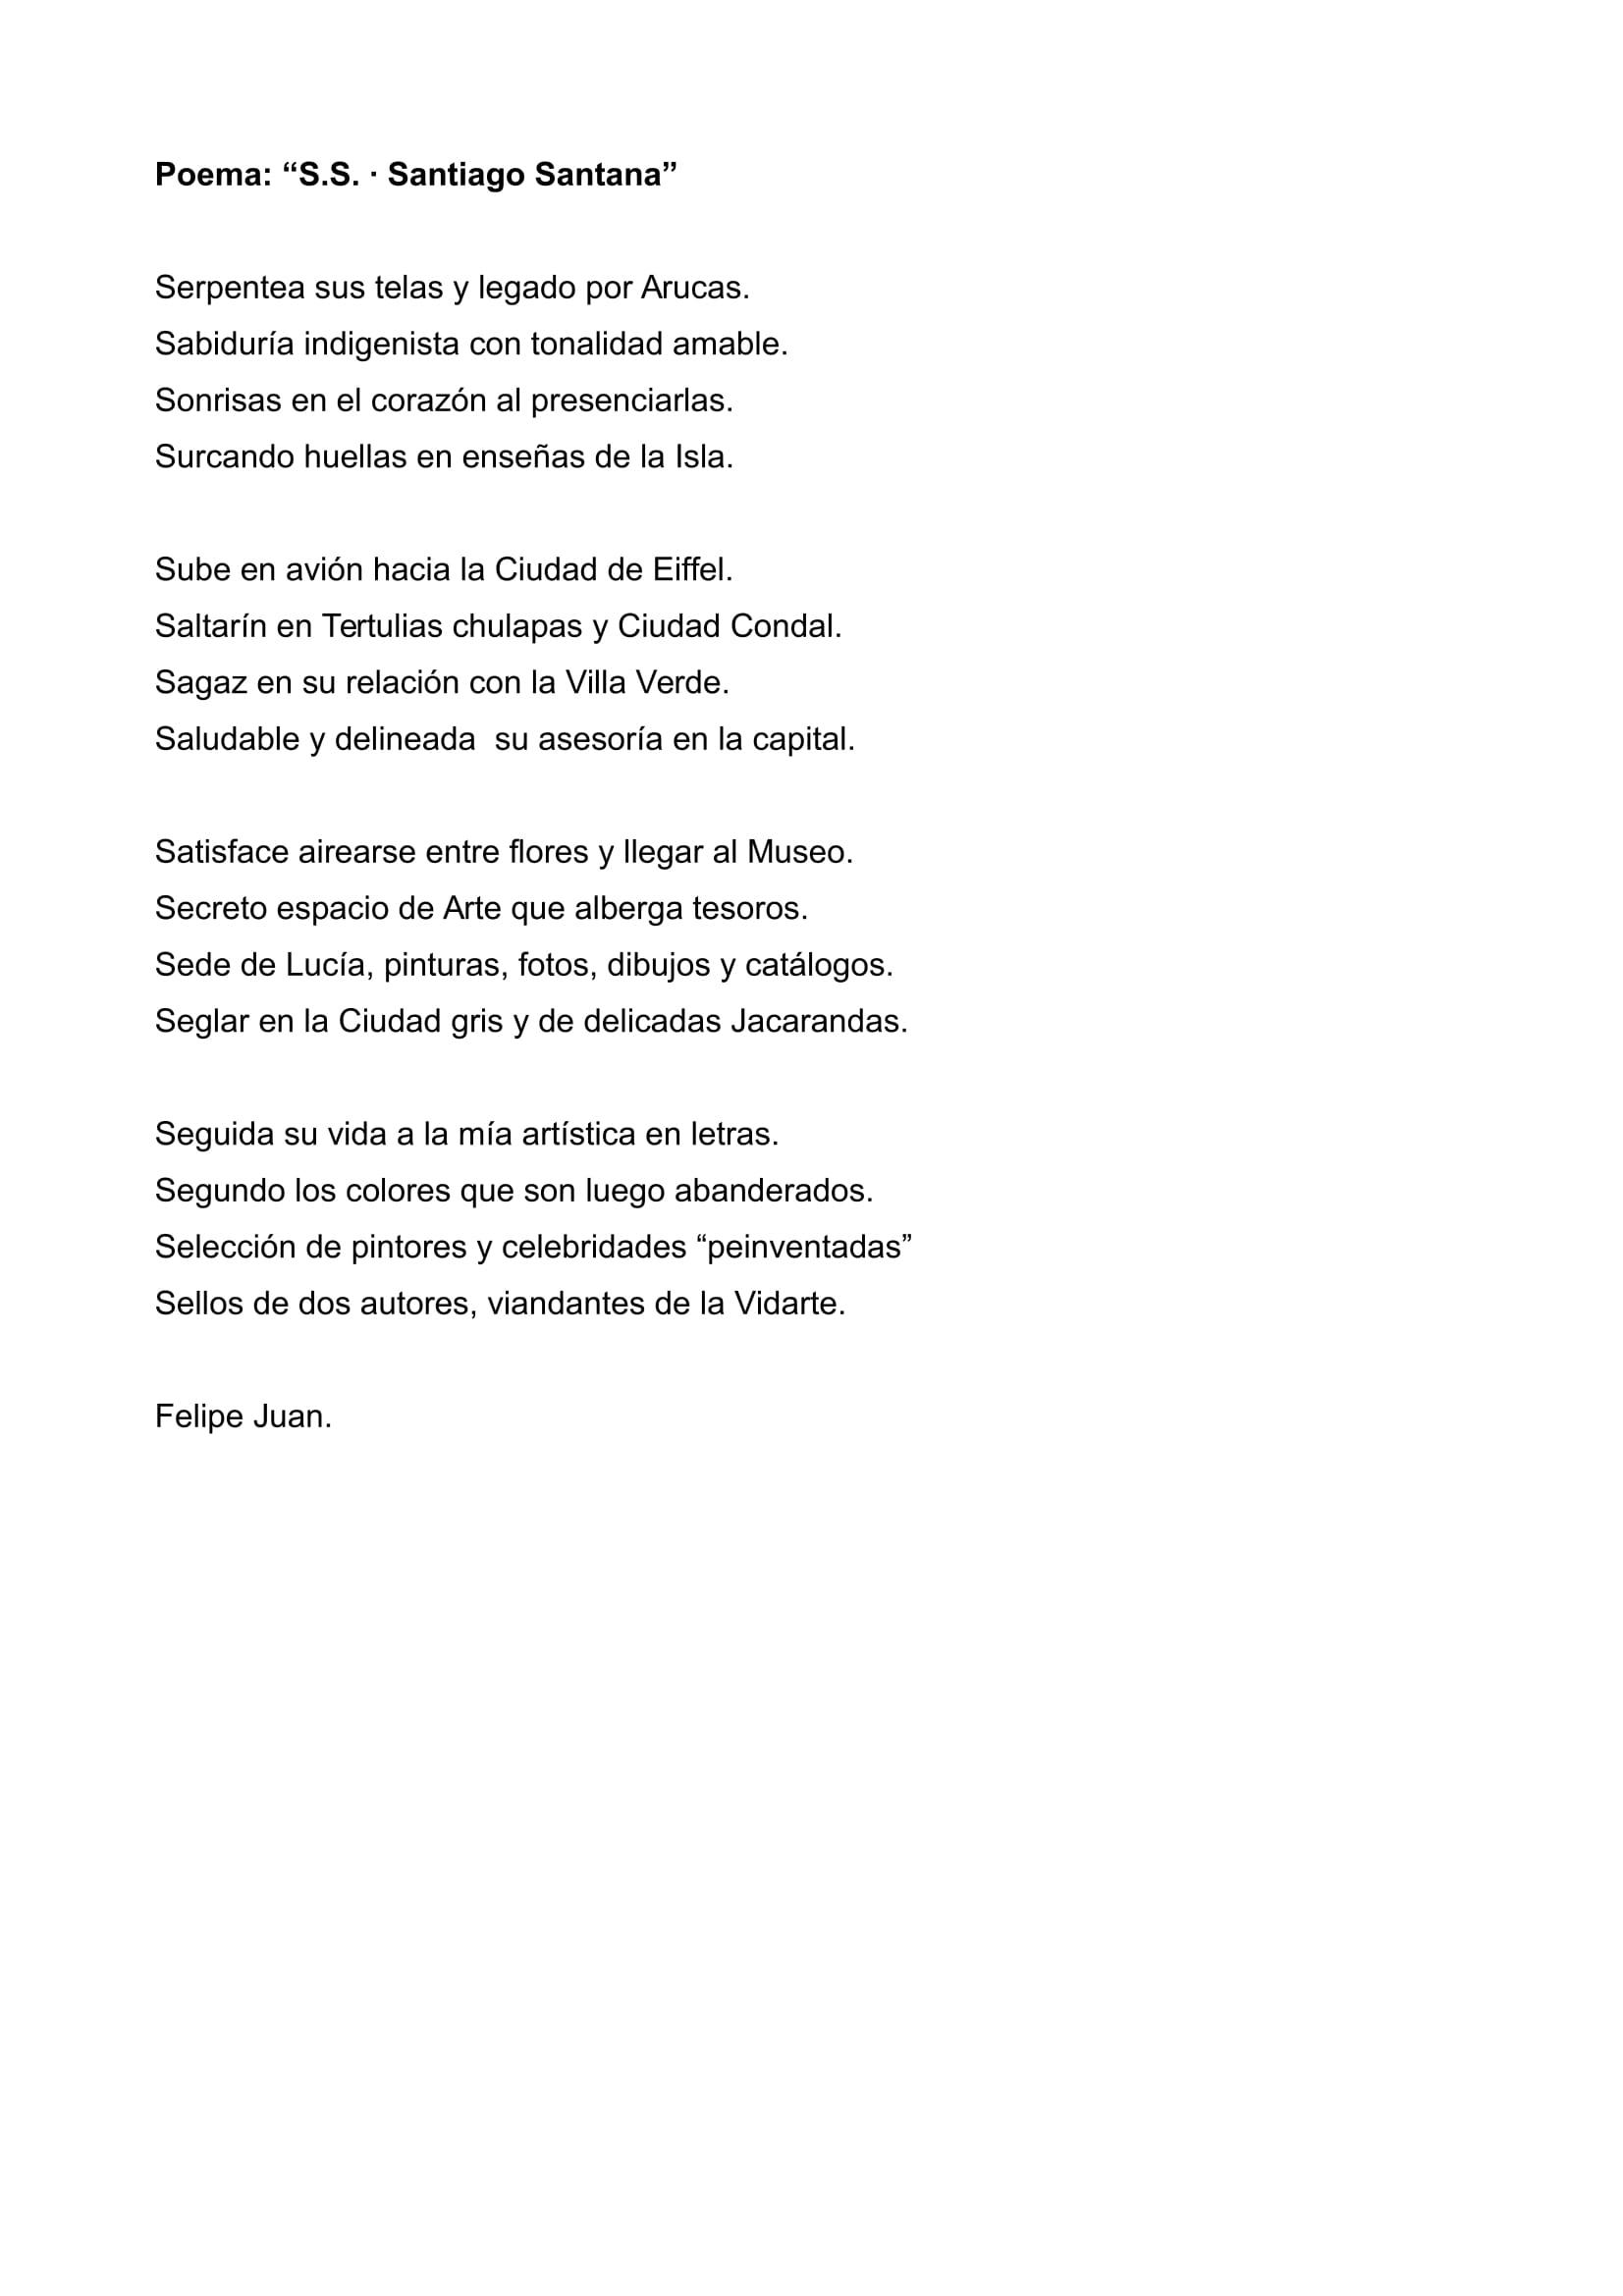 17_Exposición_RetrataDOS_Poema_Felipe_Ju